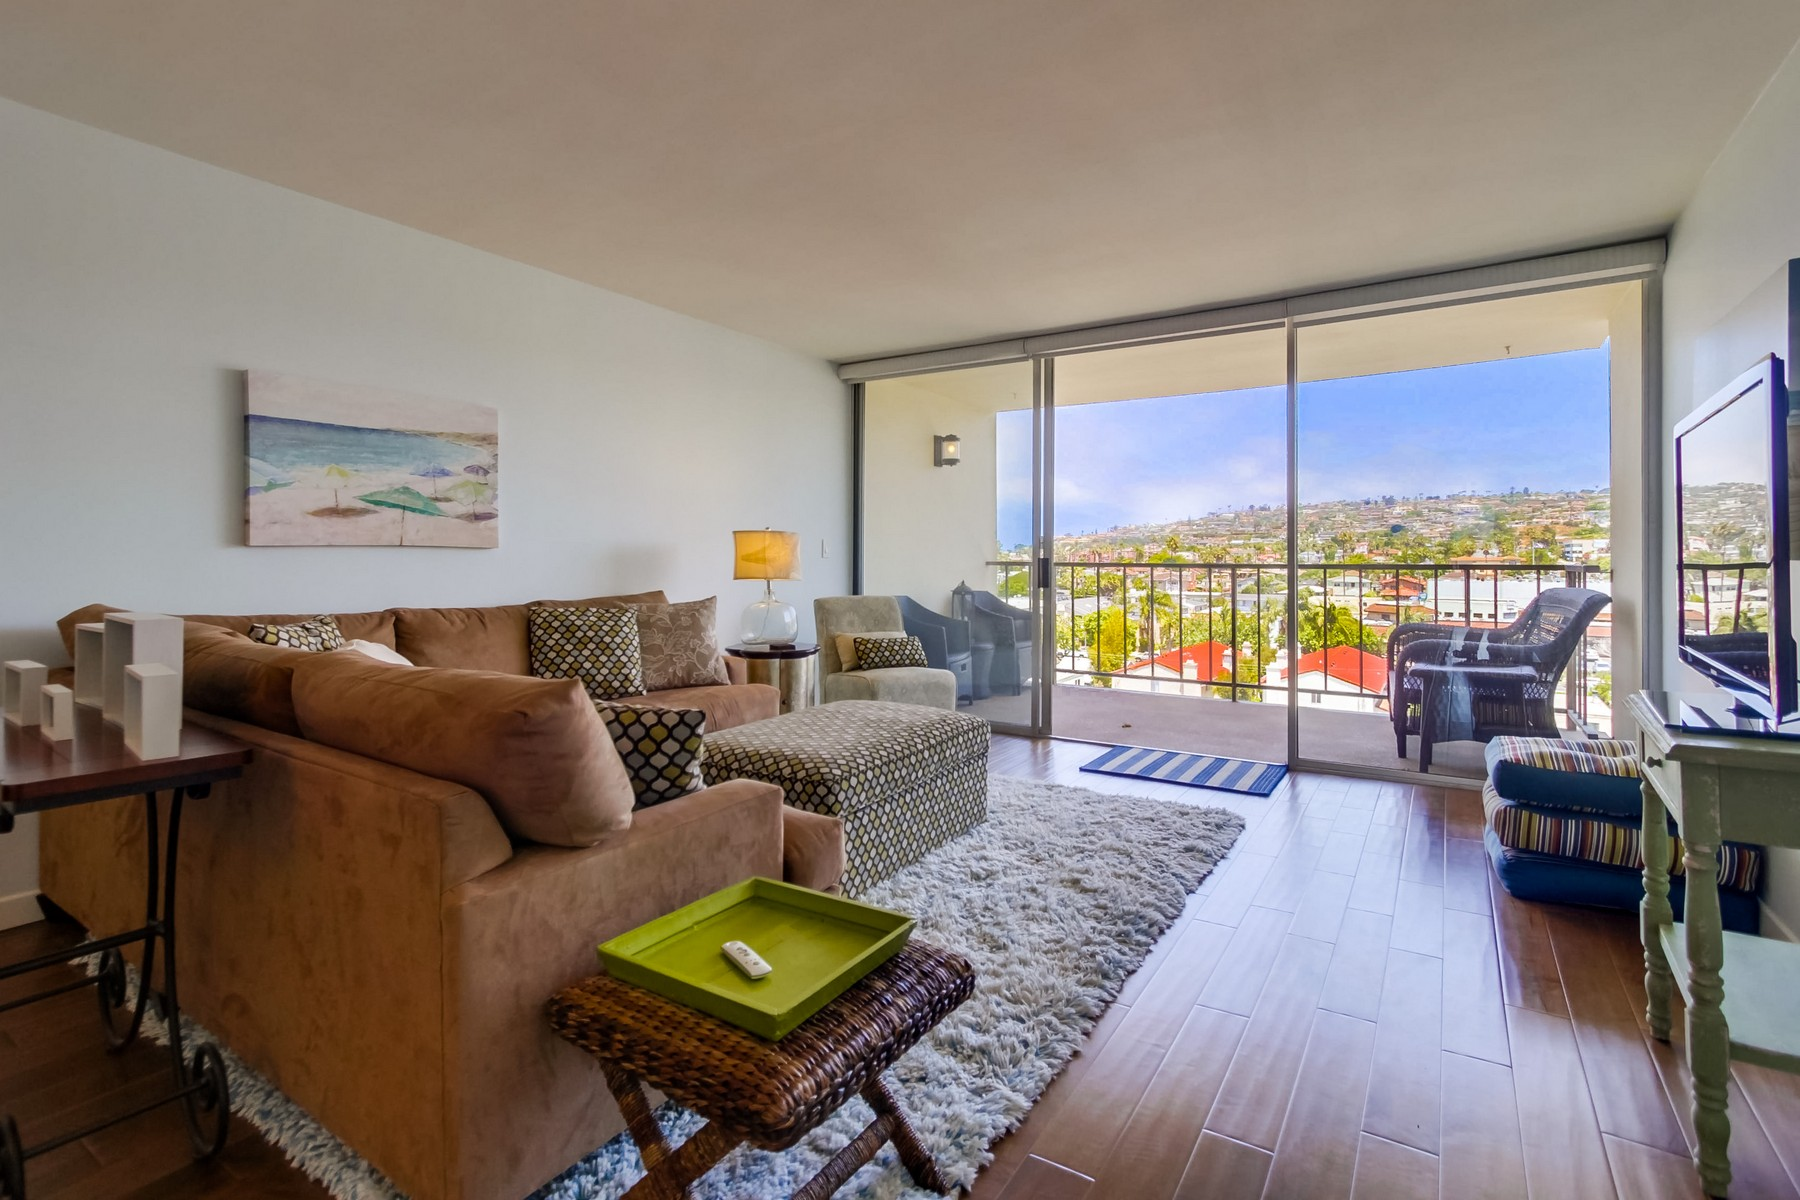 شقة بعمارة للـ Rent في 4944 Cass #804 4944 Cass #804 San Diego, California 92109 United States